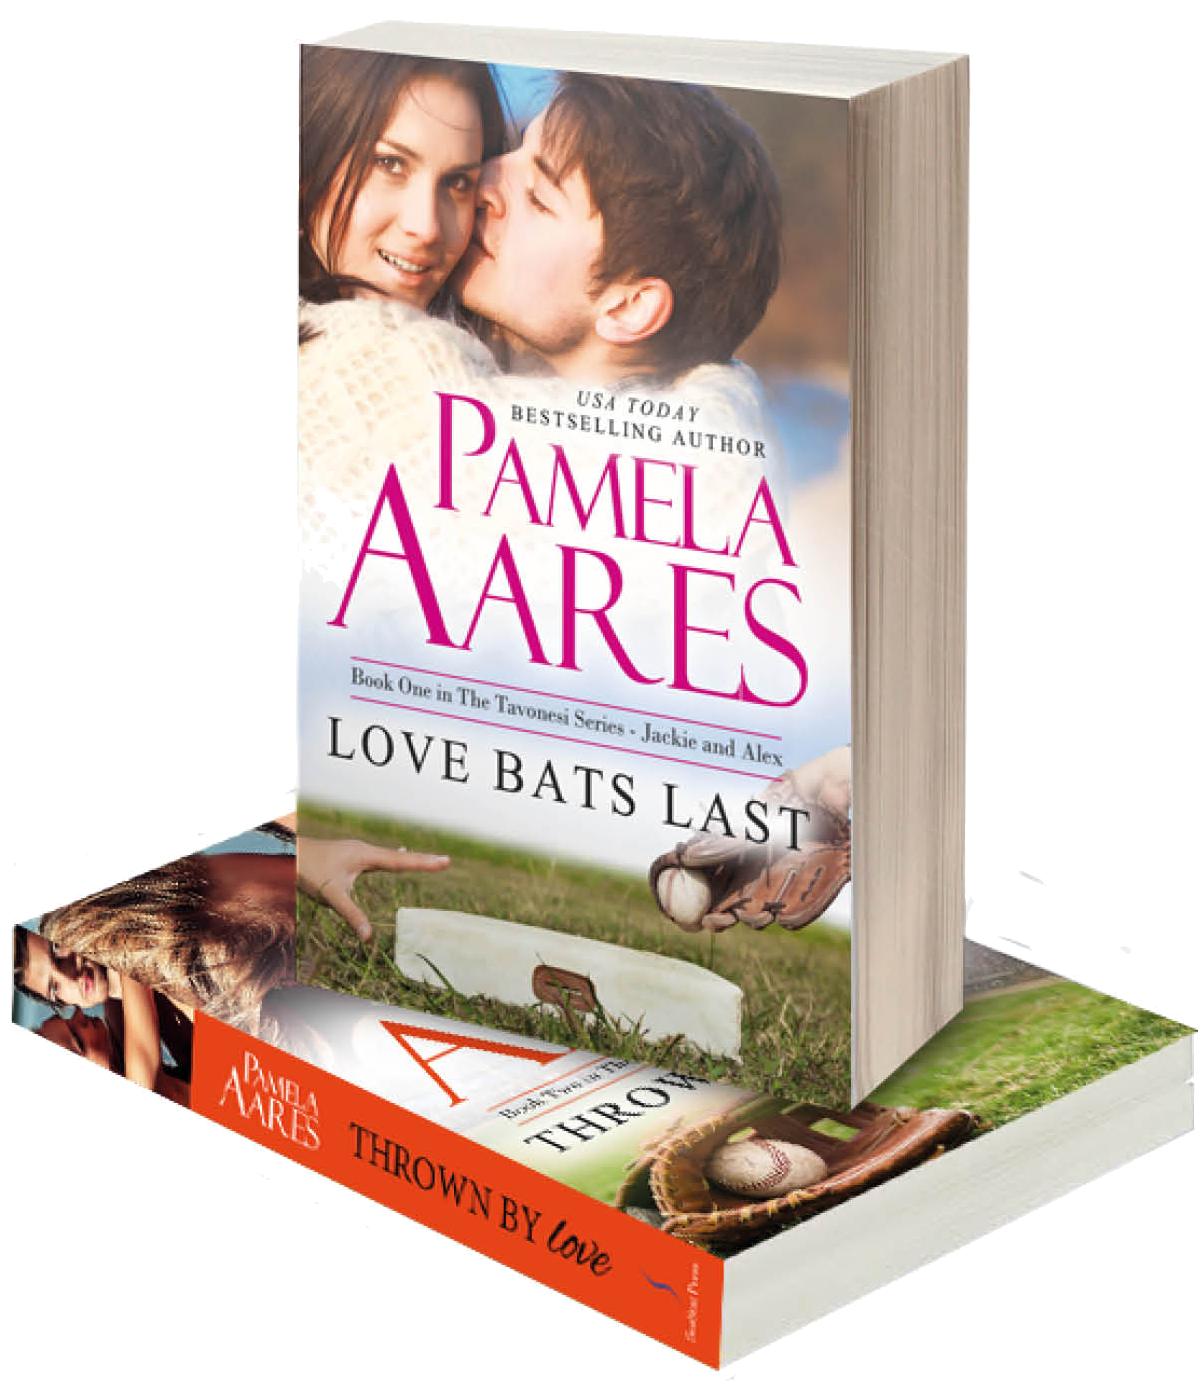 Pamela Aares starter library